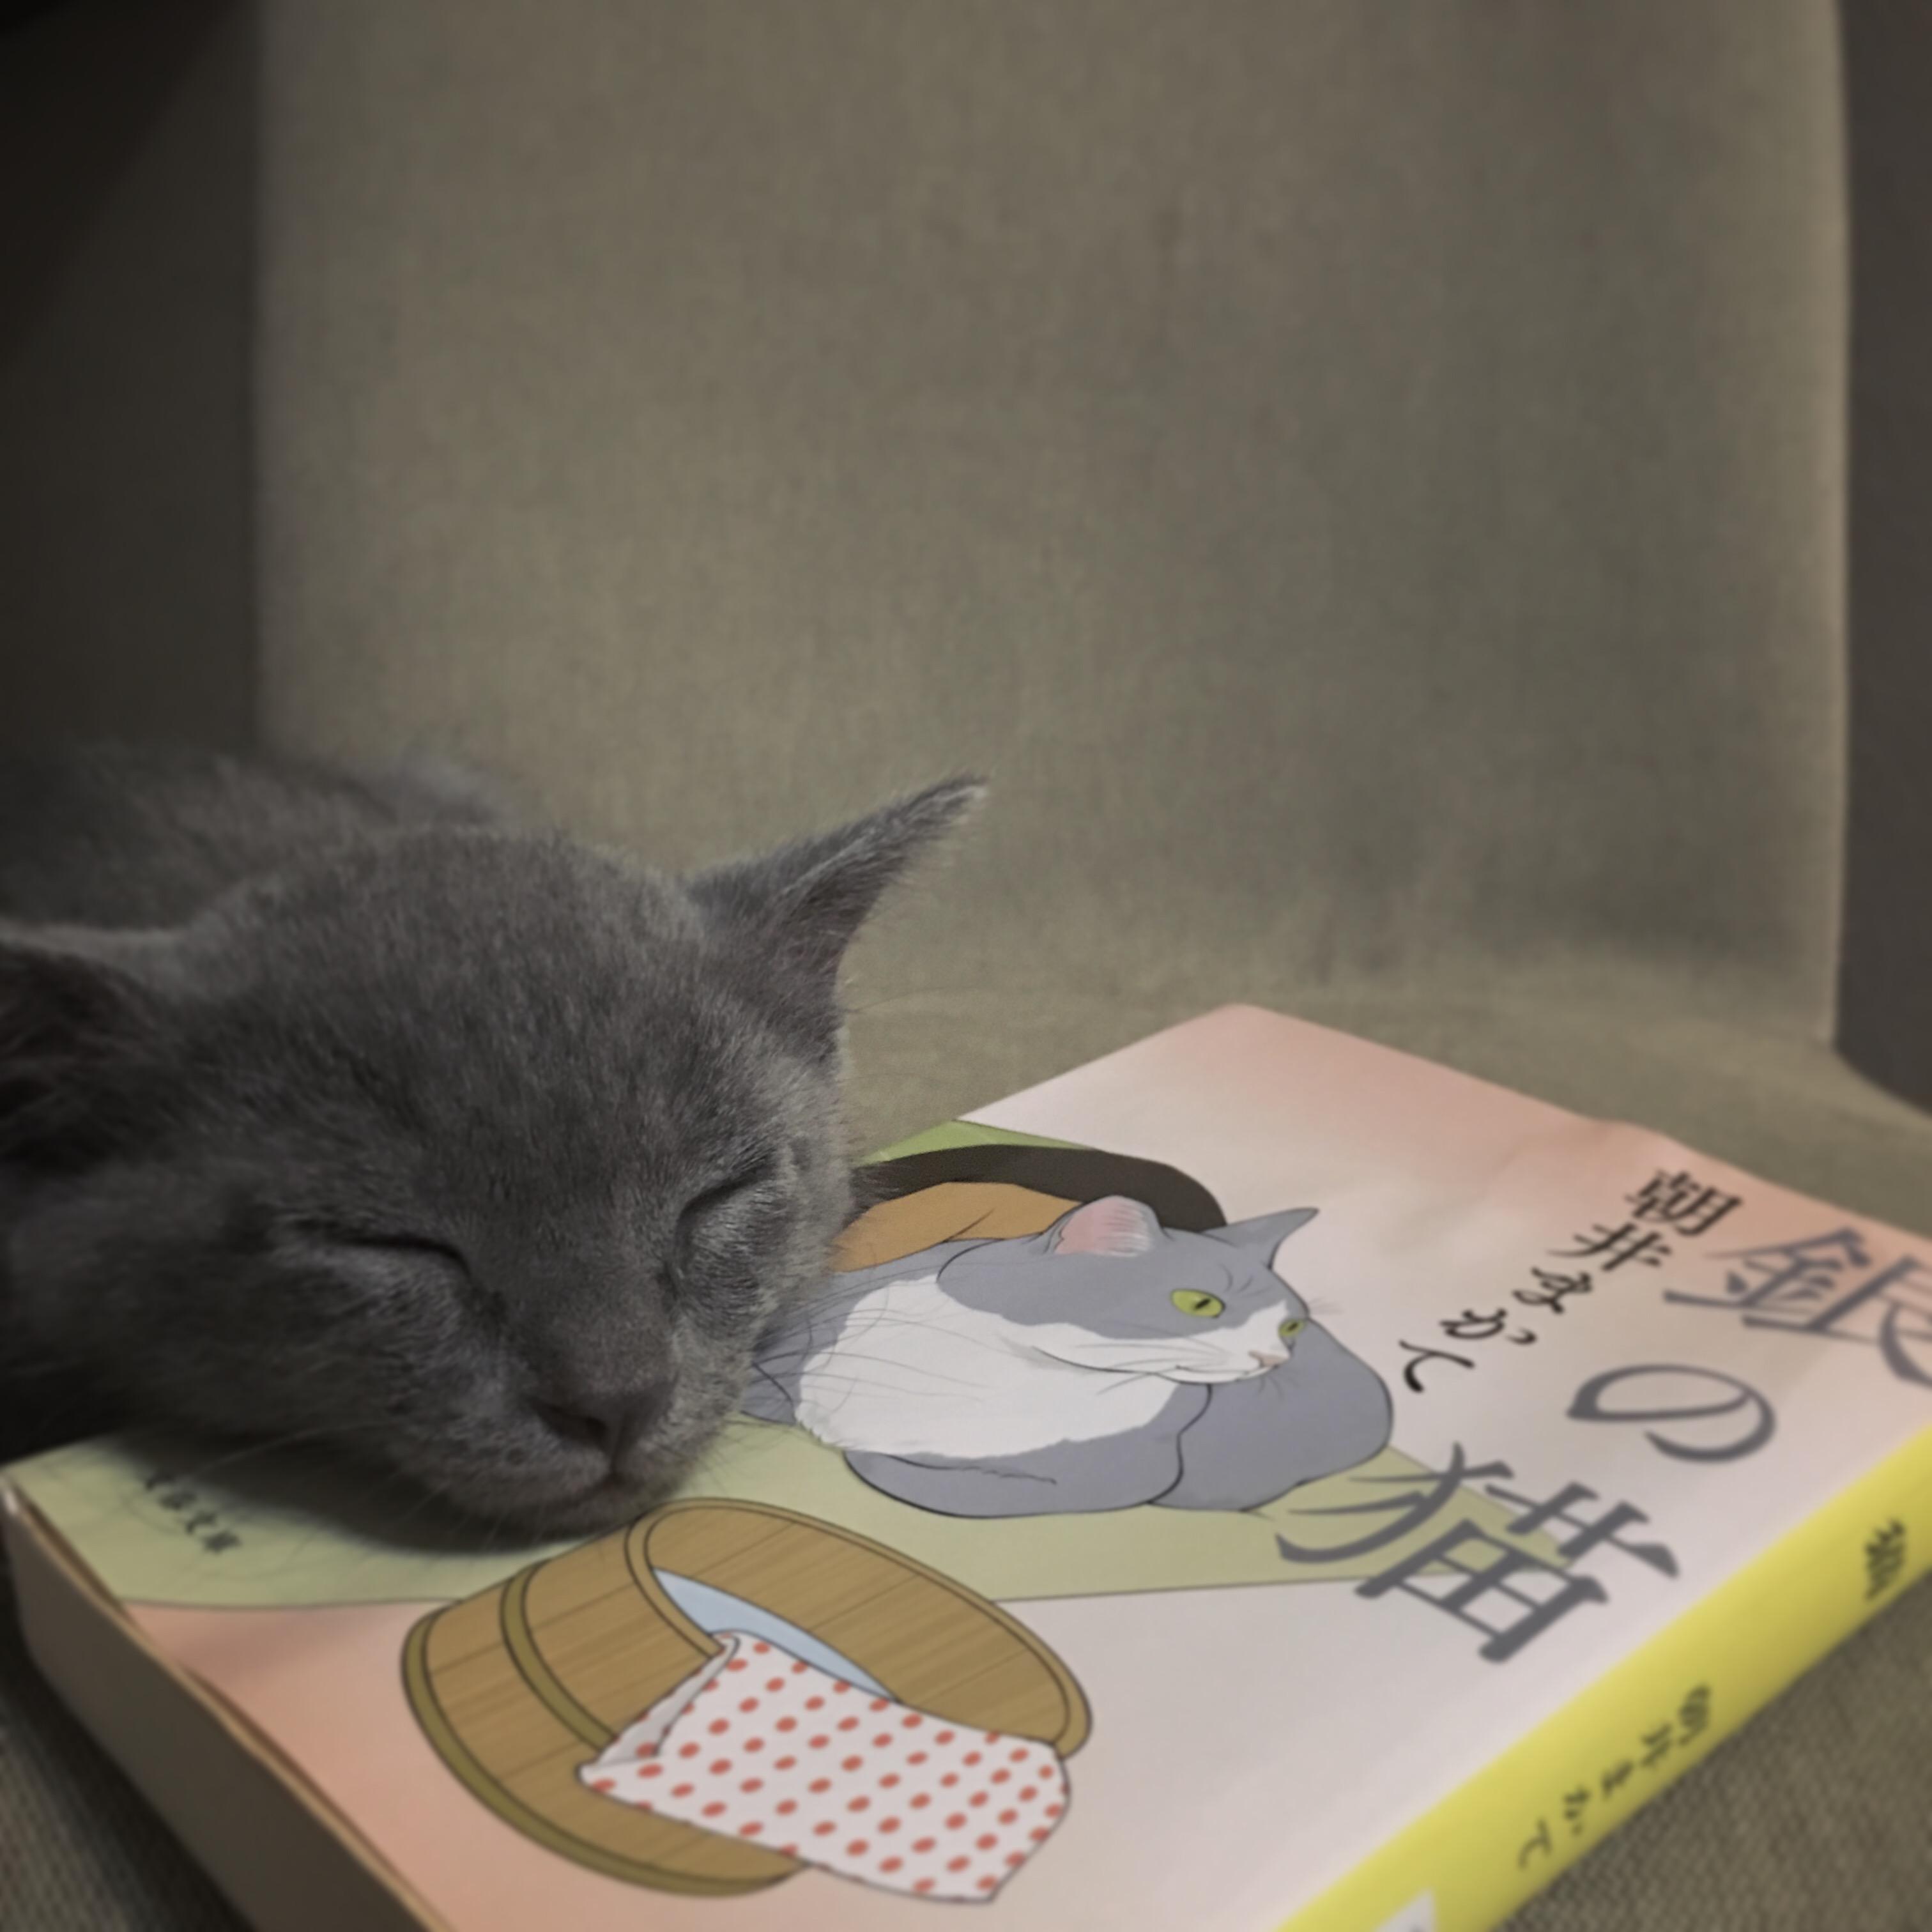 『銀の猫』朝井まかて 文春文庫